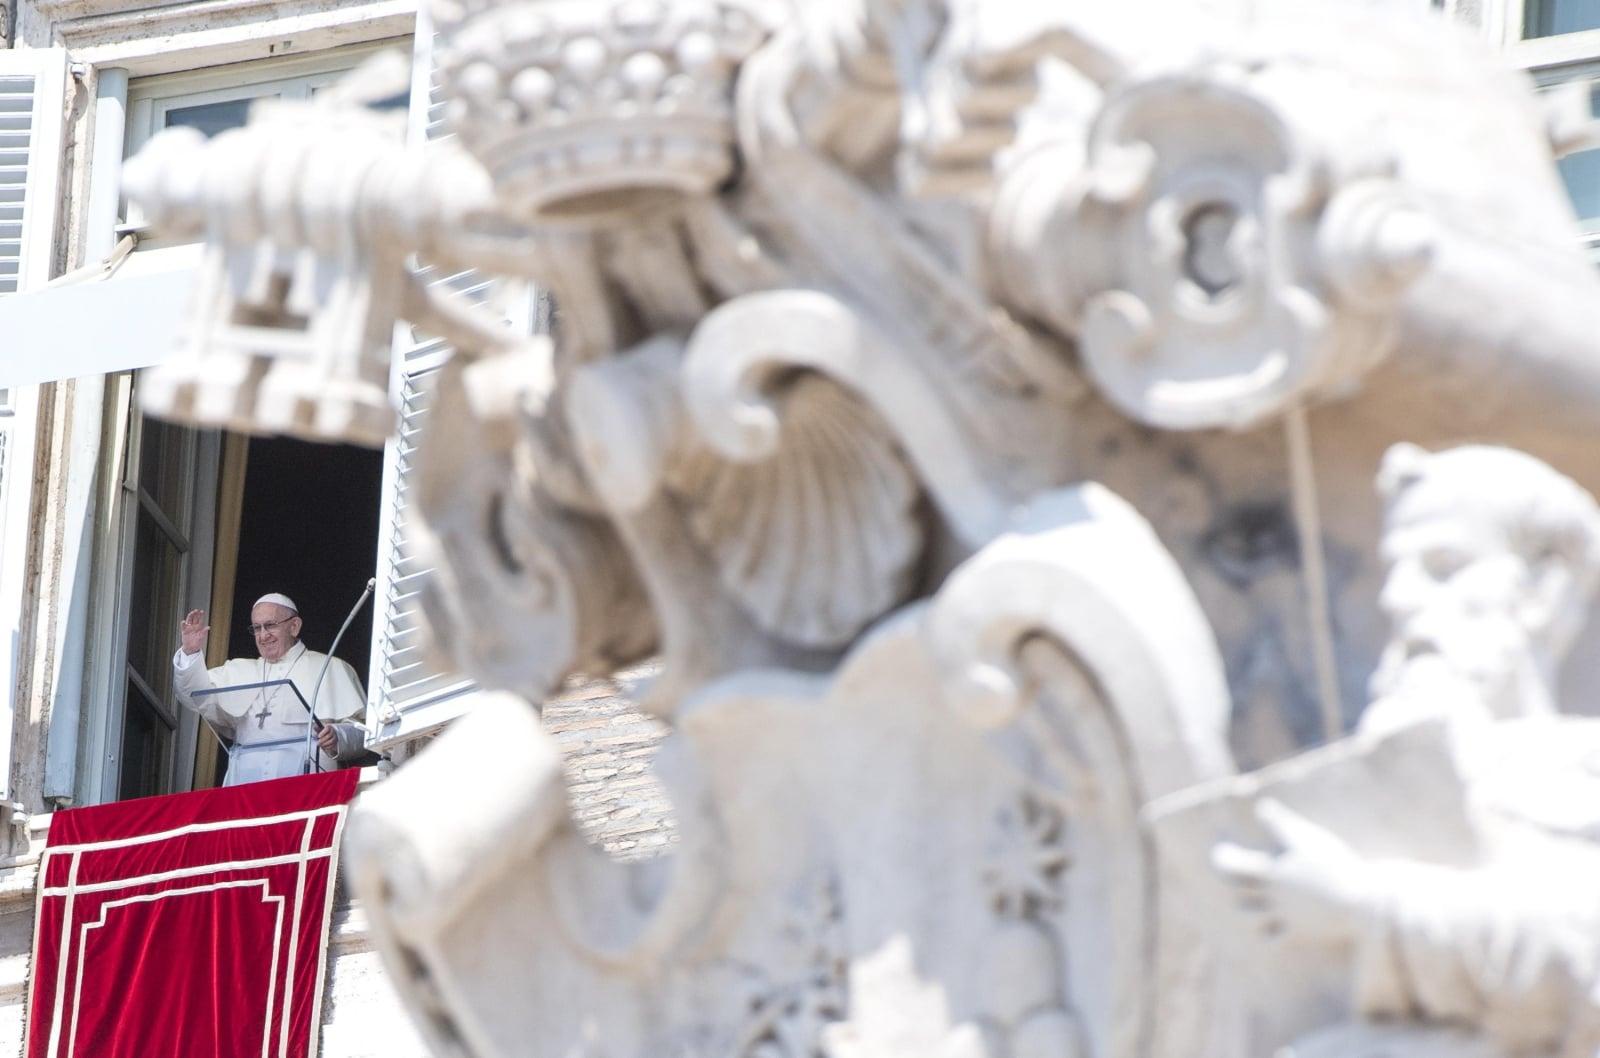 Papież Franciszek podczas modlitwy Anioł Pański, fot. EPA/CLAUDIO PERI